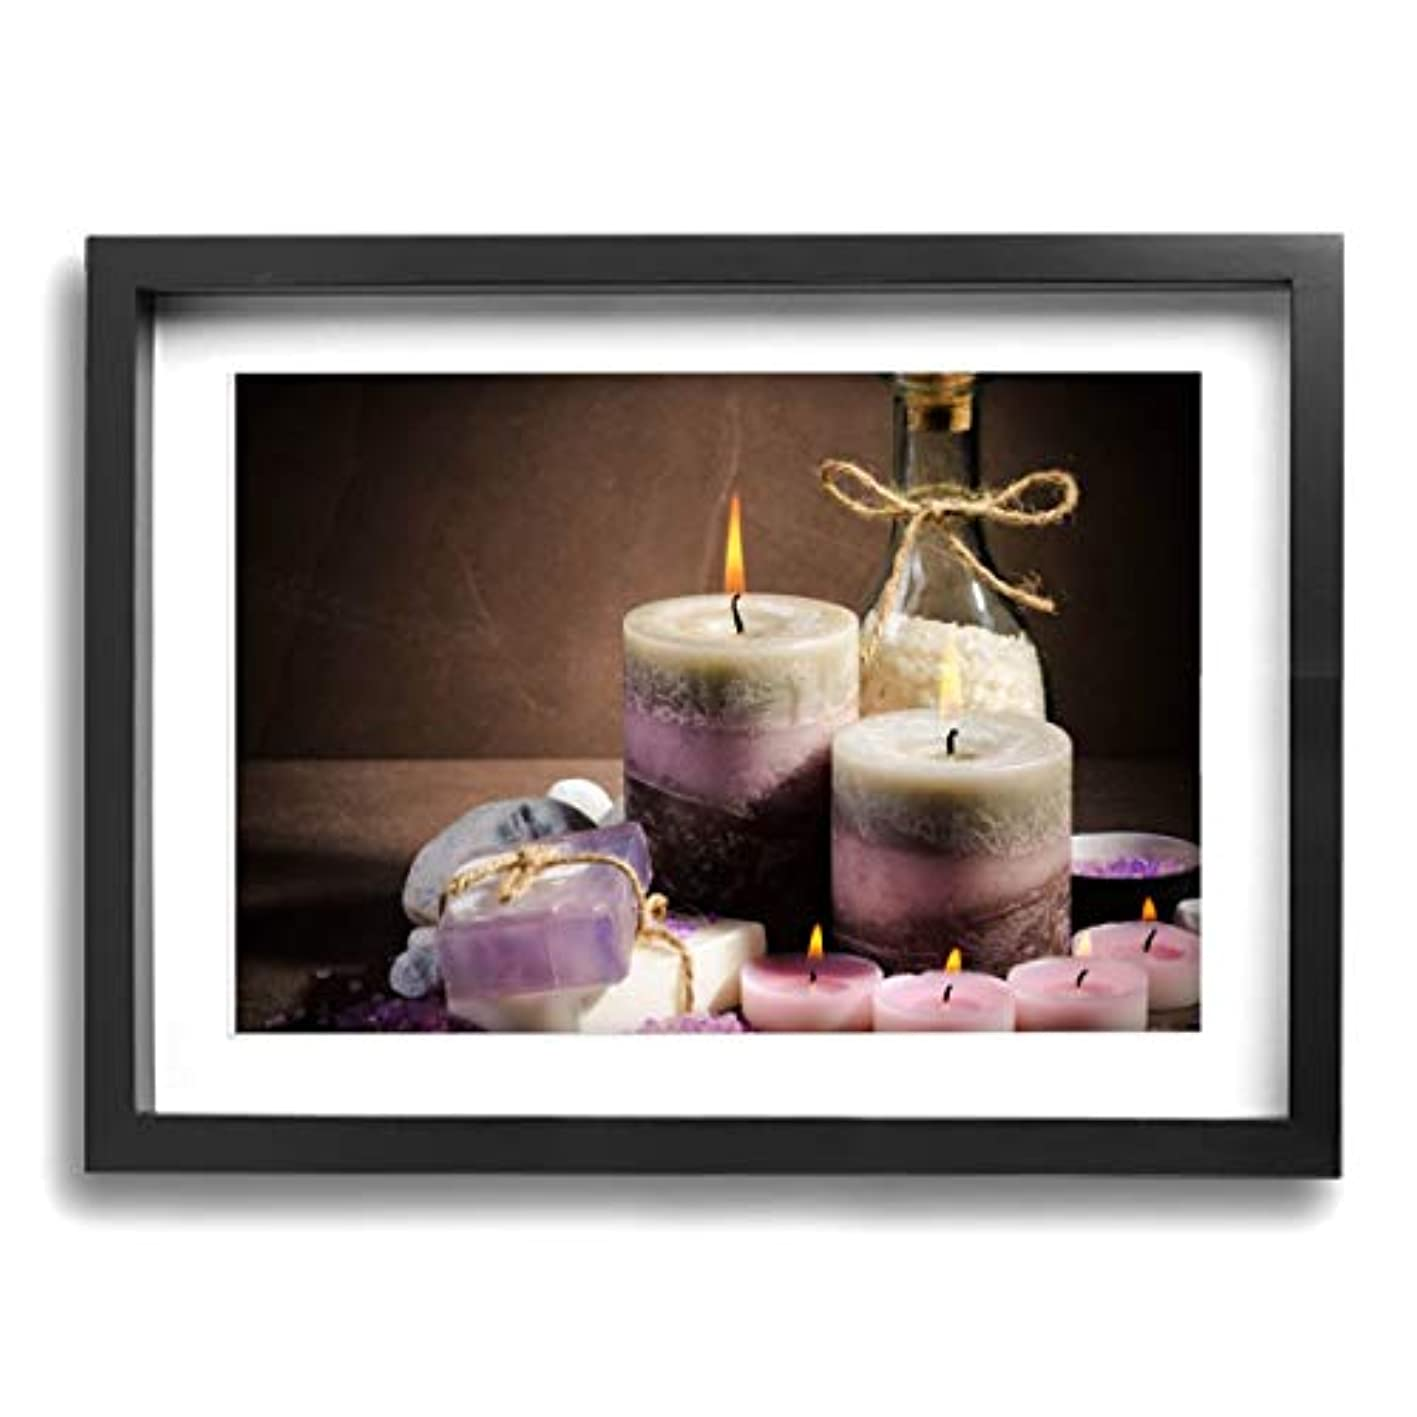 蜂速度アロング魅力的な芸術 30x40cm Spa Purple Color Candle Oil キャンバスの壁アート 画像プリント絵画リビングルームの壁の装飾と家の装飾のための現代アートワークハングする準備ができて